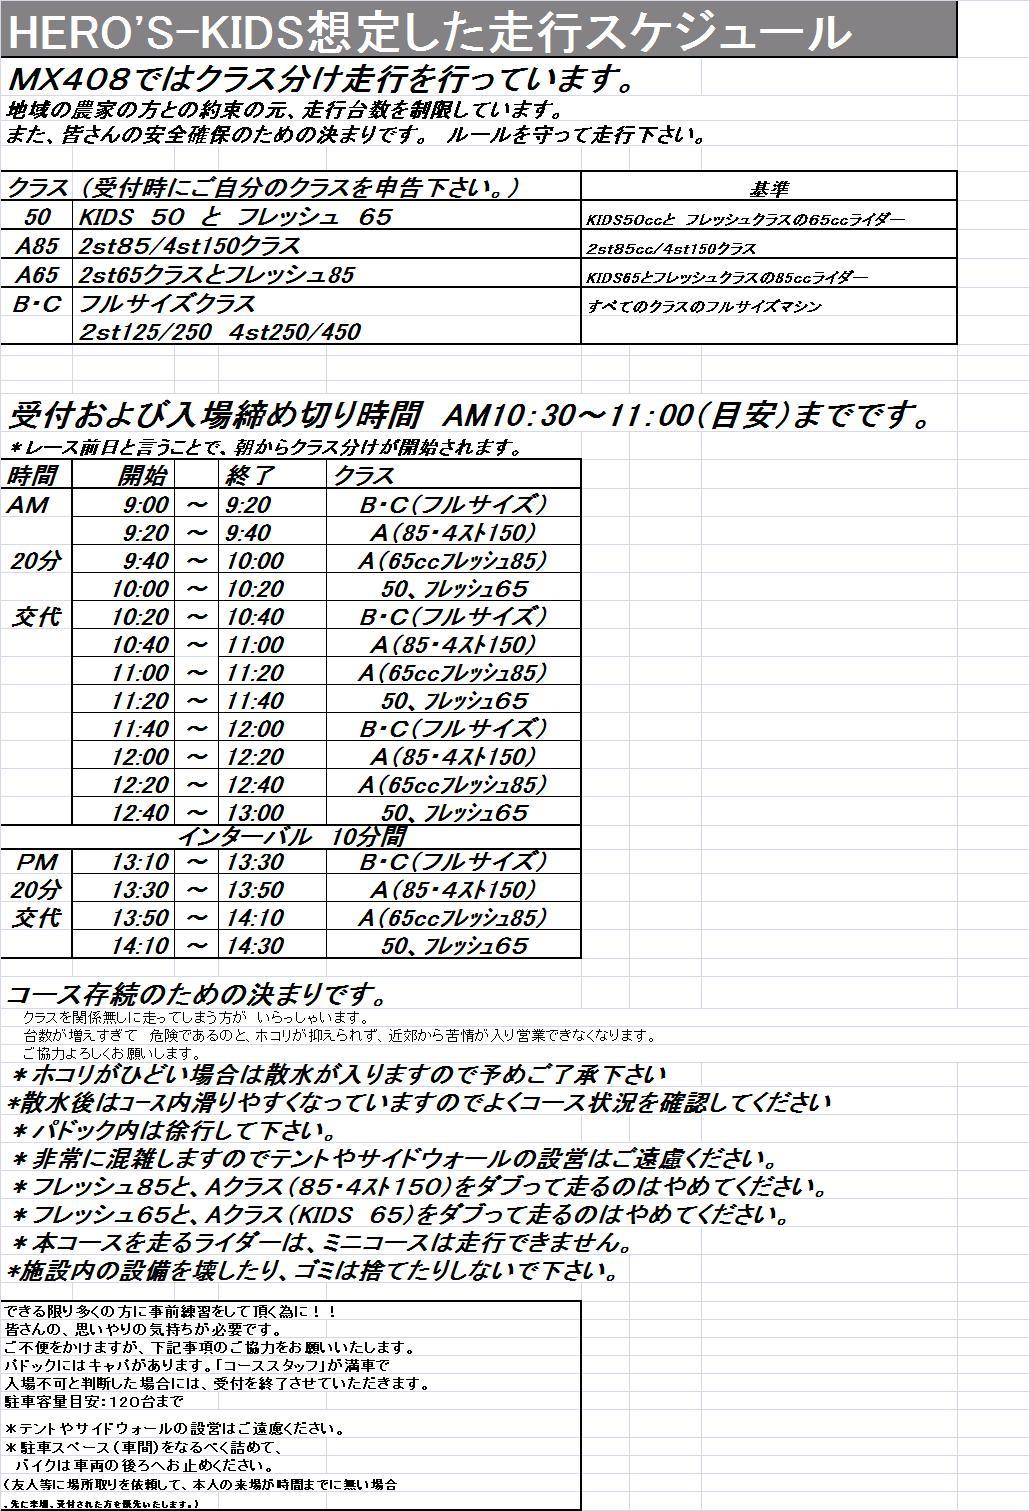 12/12タイムスケジュール_f0158379_2032433.jpg